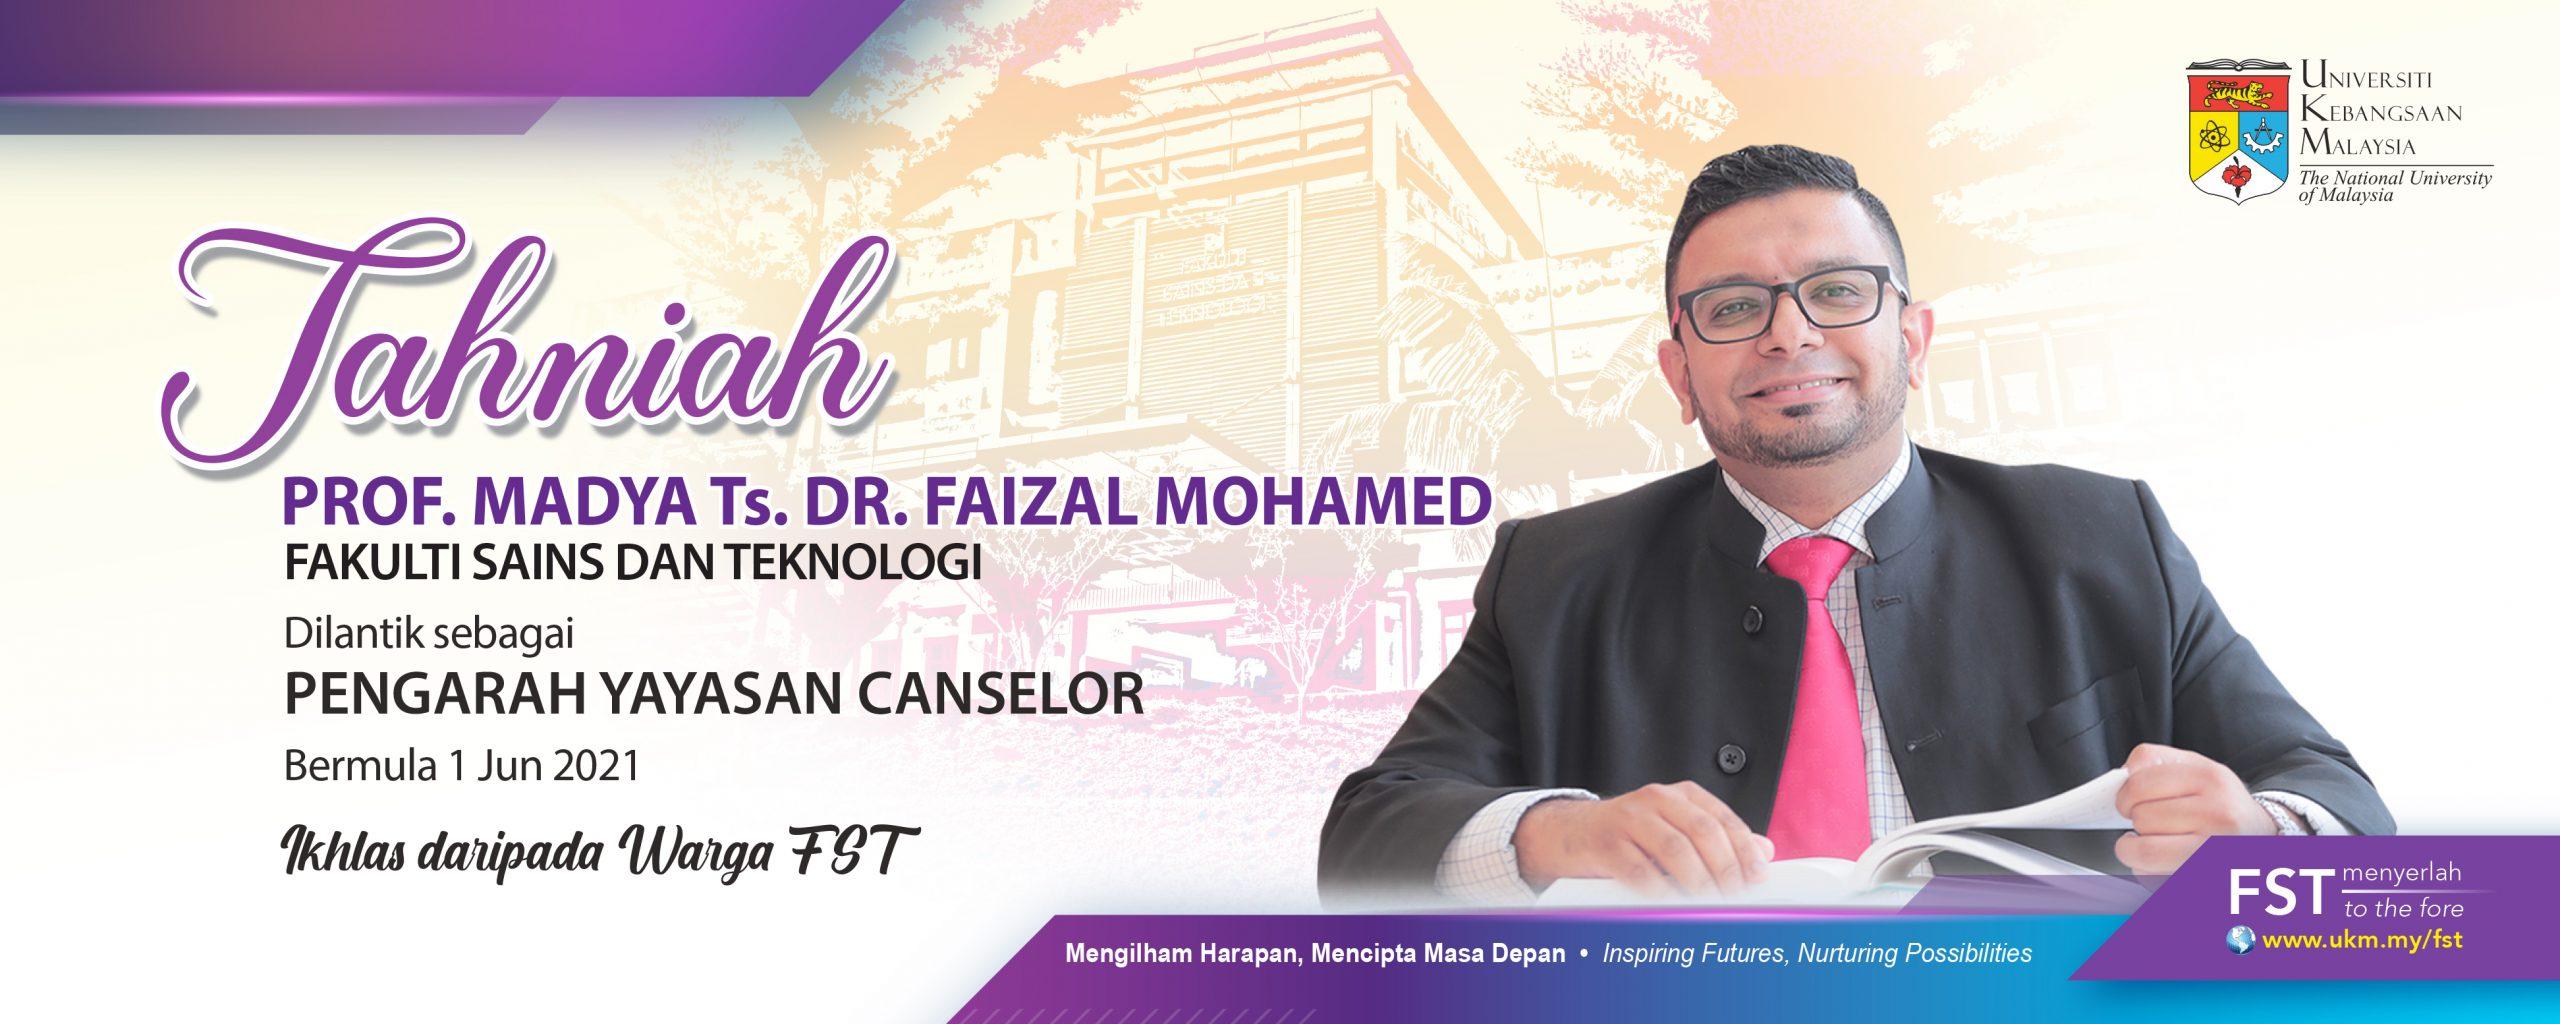 Tahniah Dr. Faizal – Yayasan Canselor